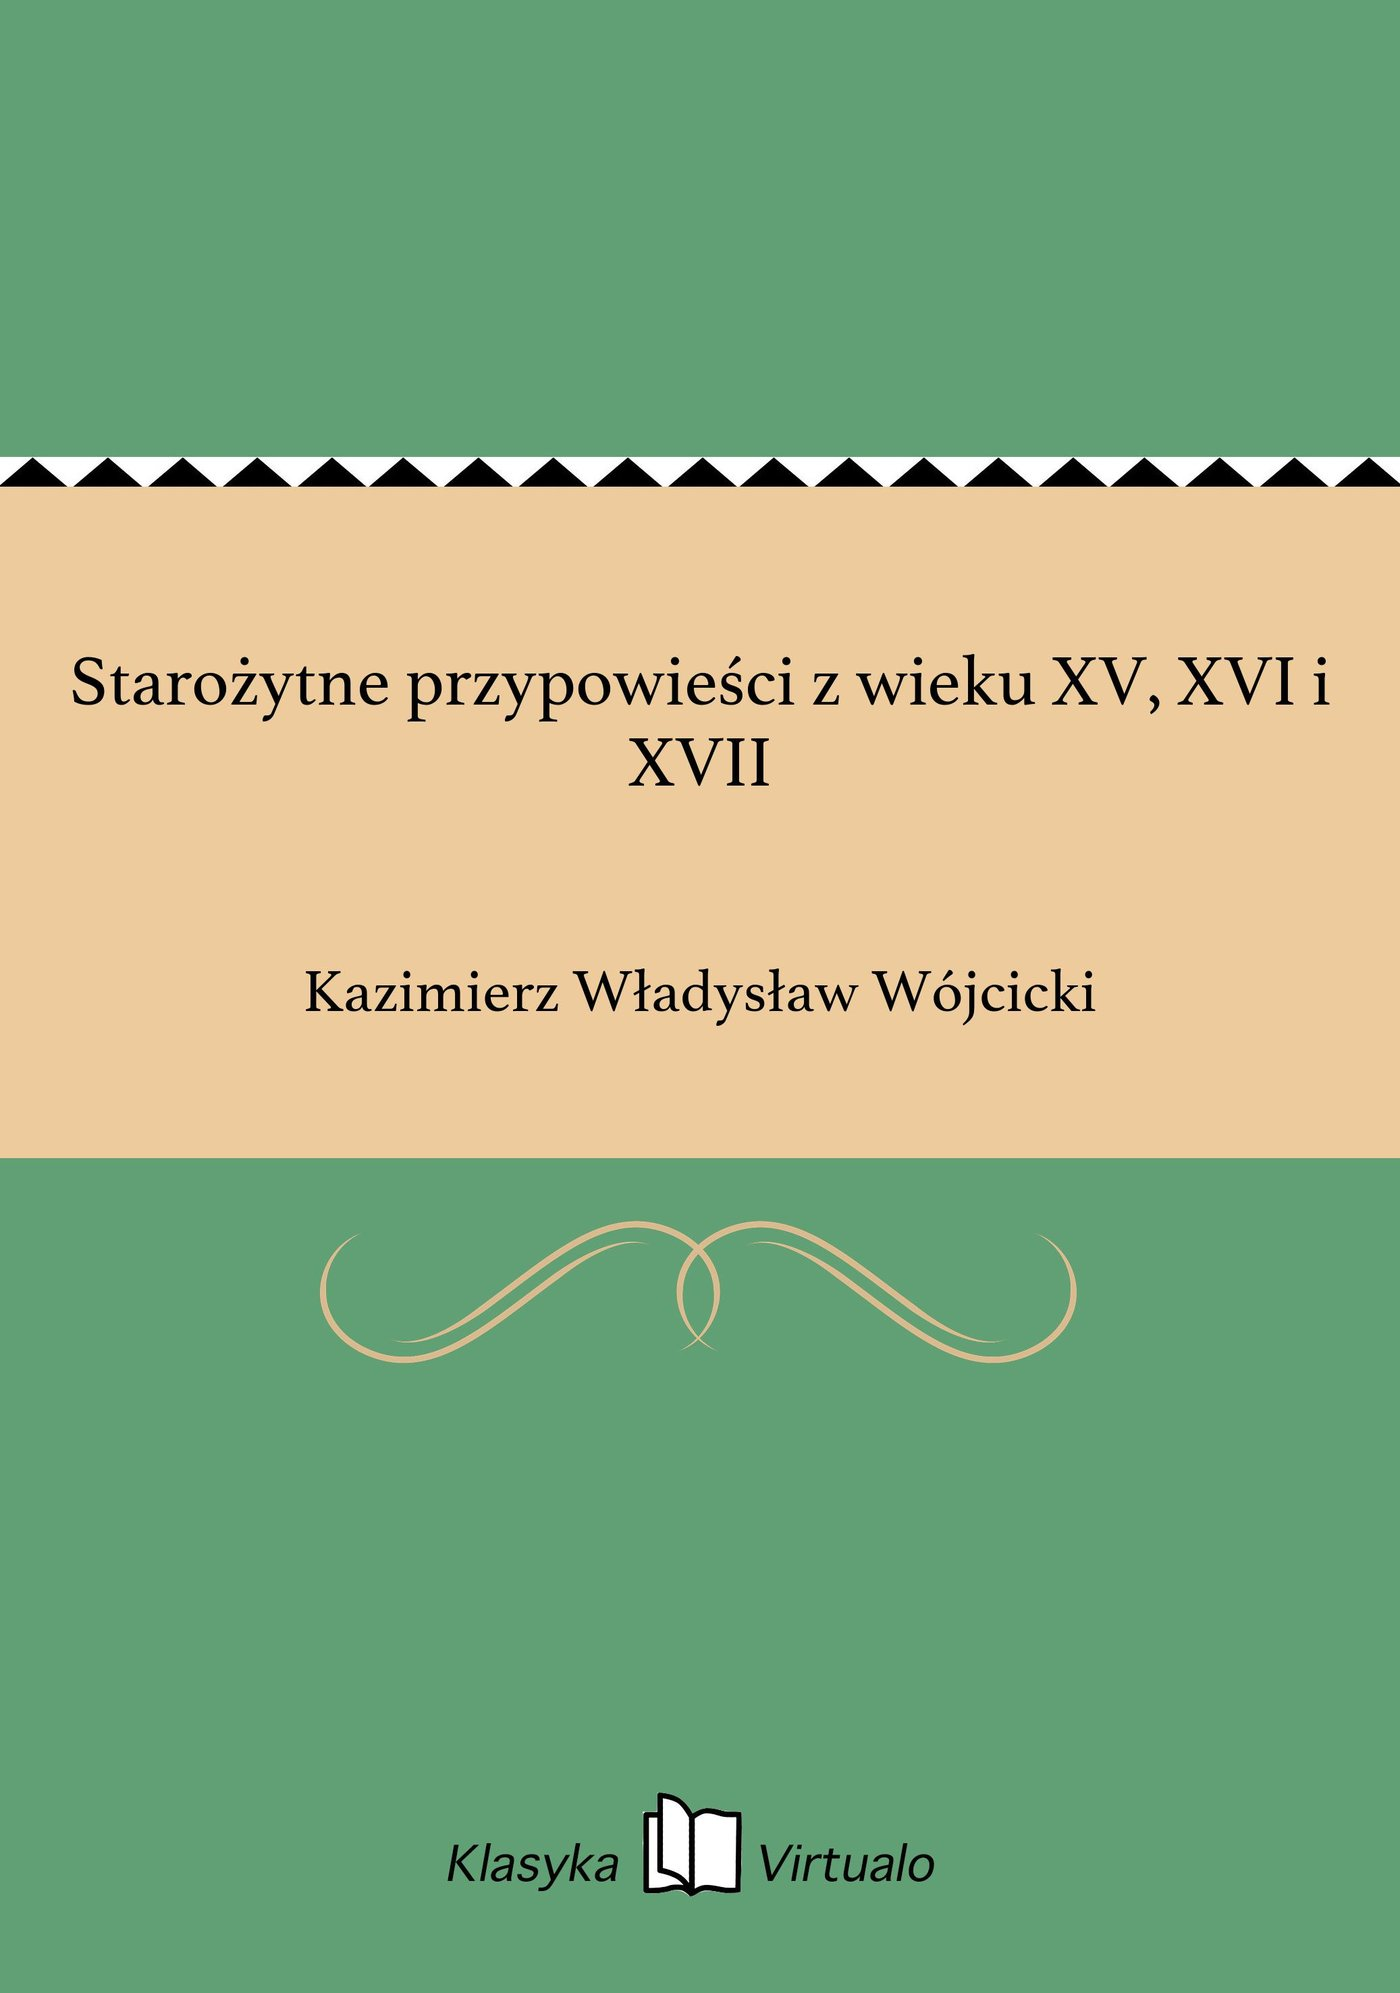 Starożytne przypowieści z wieku XV, XVI i XVII - Ebook (Książka EPUB) do pobrania w formacie EPUB